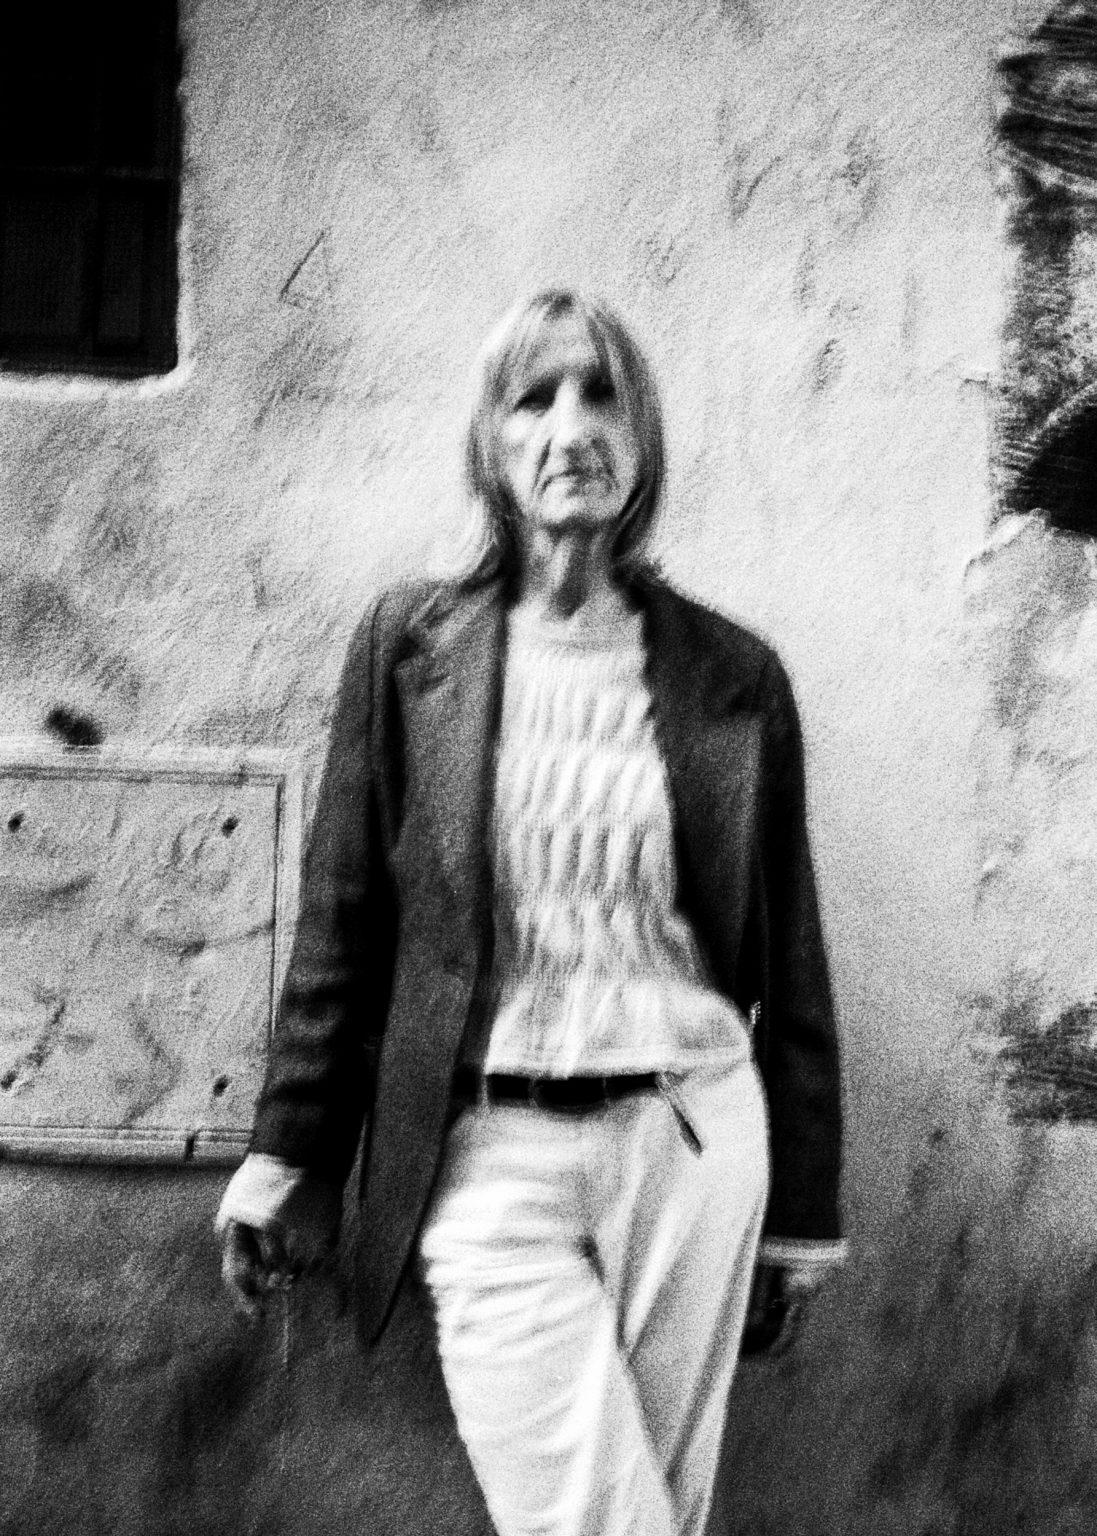 """Rome, 2020- """"Rome Diary"""" ( Rome 2007-2020)  is a long-term research that documents the city of Rome through stories of places and people. An investigation into different worlds, in a society where relationships, loneliness, abuse, love, nightlife, music and artists are explored, and finally the relationship between people and the city.Homeless outside a bar in the center of Rome. .>< Rome, 2020 -Rome Diary Rome (2007-2020) è una ricerca a lungo termine che documenta la città di Roma attraverso storie di luoghi e  di persone. Un'indagine in mondi diversi, in una società in cui si esplorano le relazioni, la solitudine, gli abusi, l'amore, la vita notturna , la musica e gli artisti, ed infine il rapporto tra persone e città. Una Homeless fuori un bar nel centro storico di Roma."""